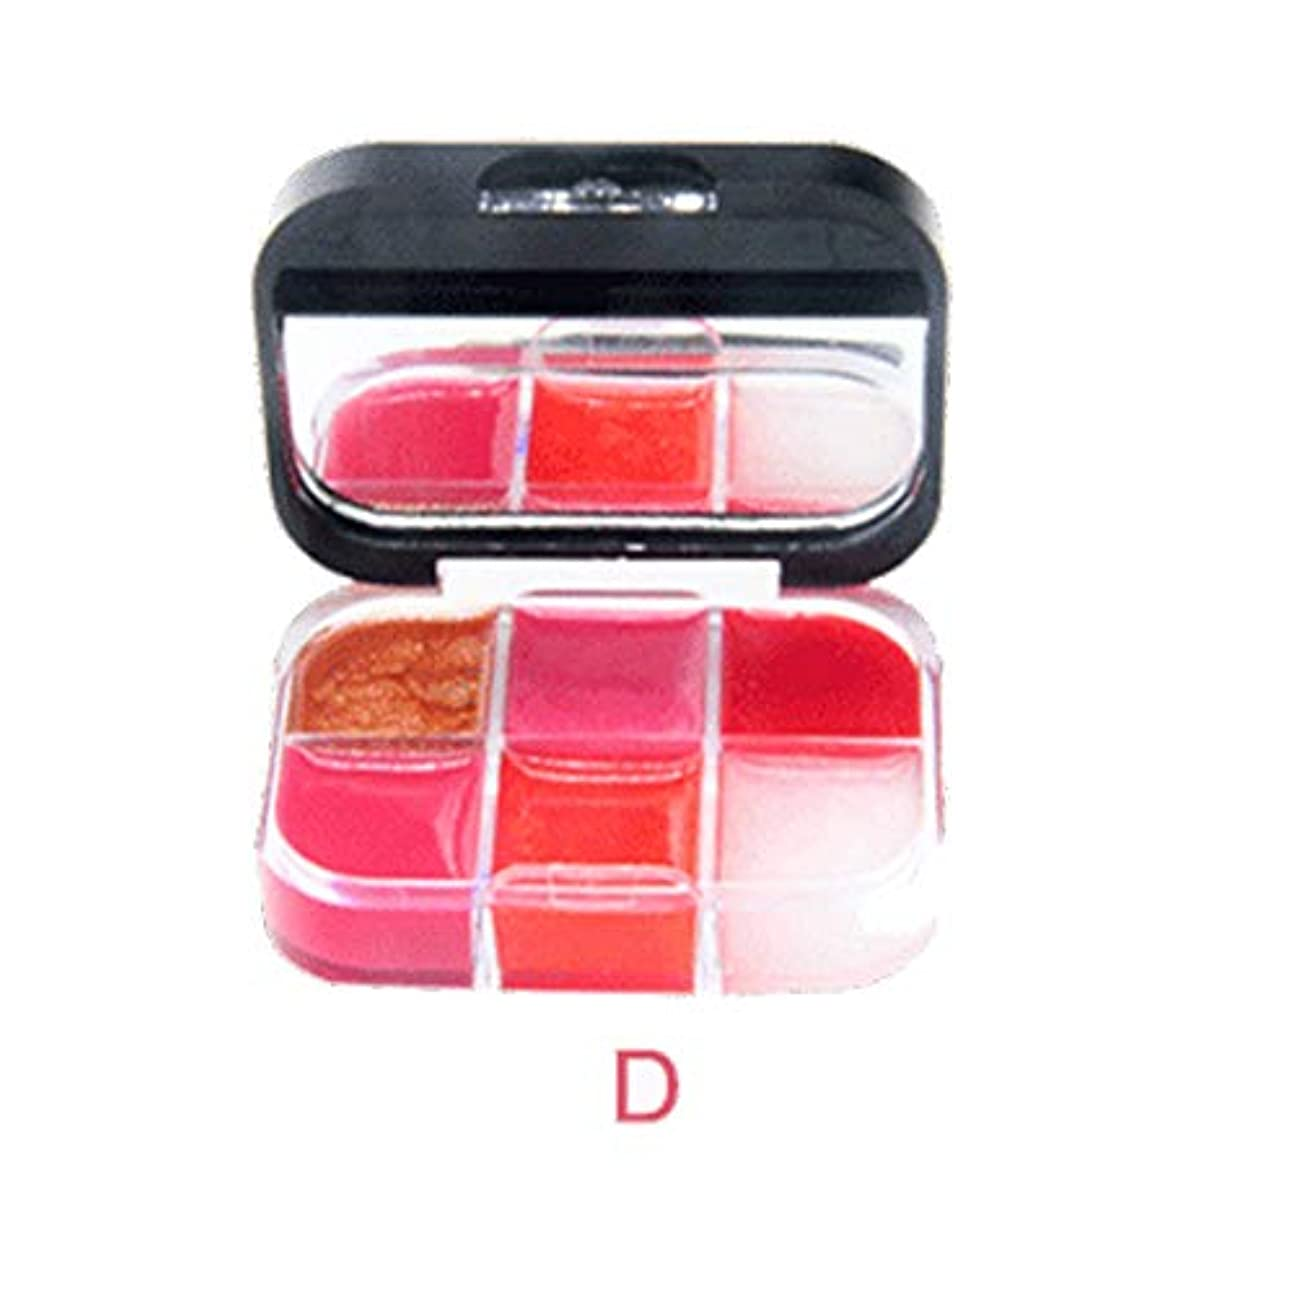 いいね輝度部分的美は口紅の保湿剤の唇の光沢の化粧品セットを構成します